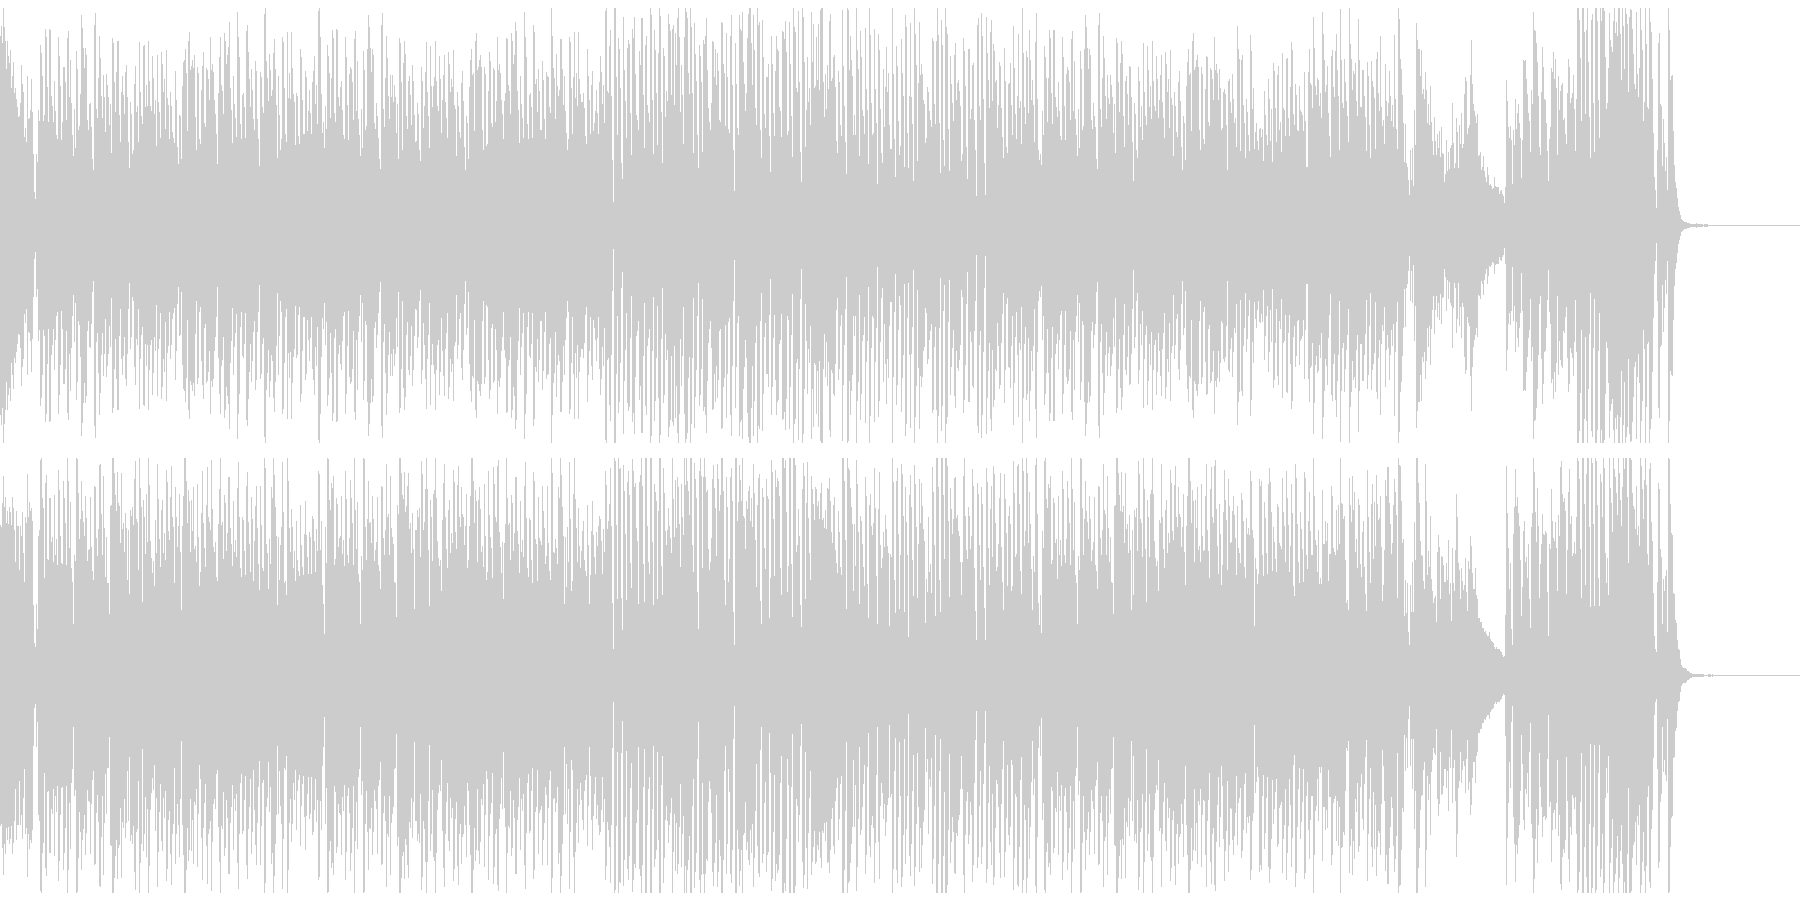 ショパンの幻想即興曲 ラグタイムアレンジの未再生の波形